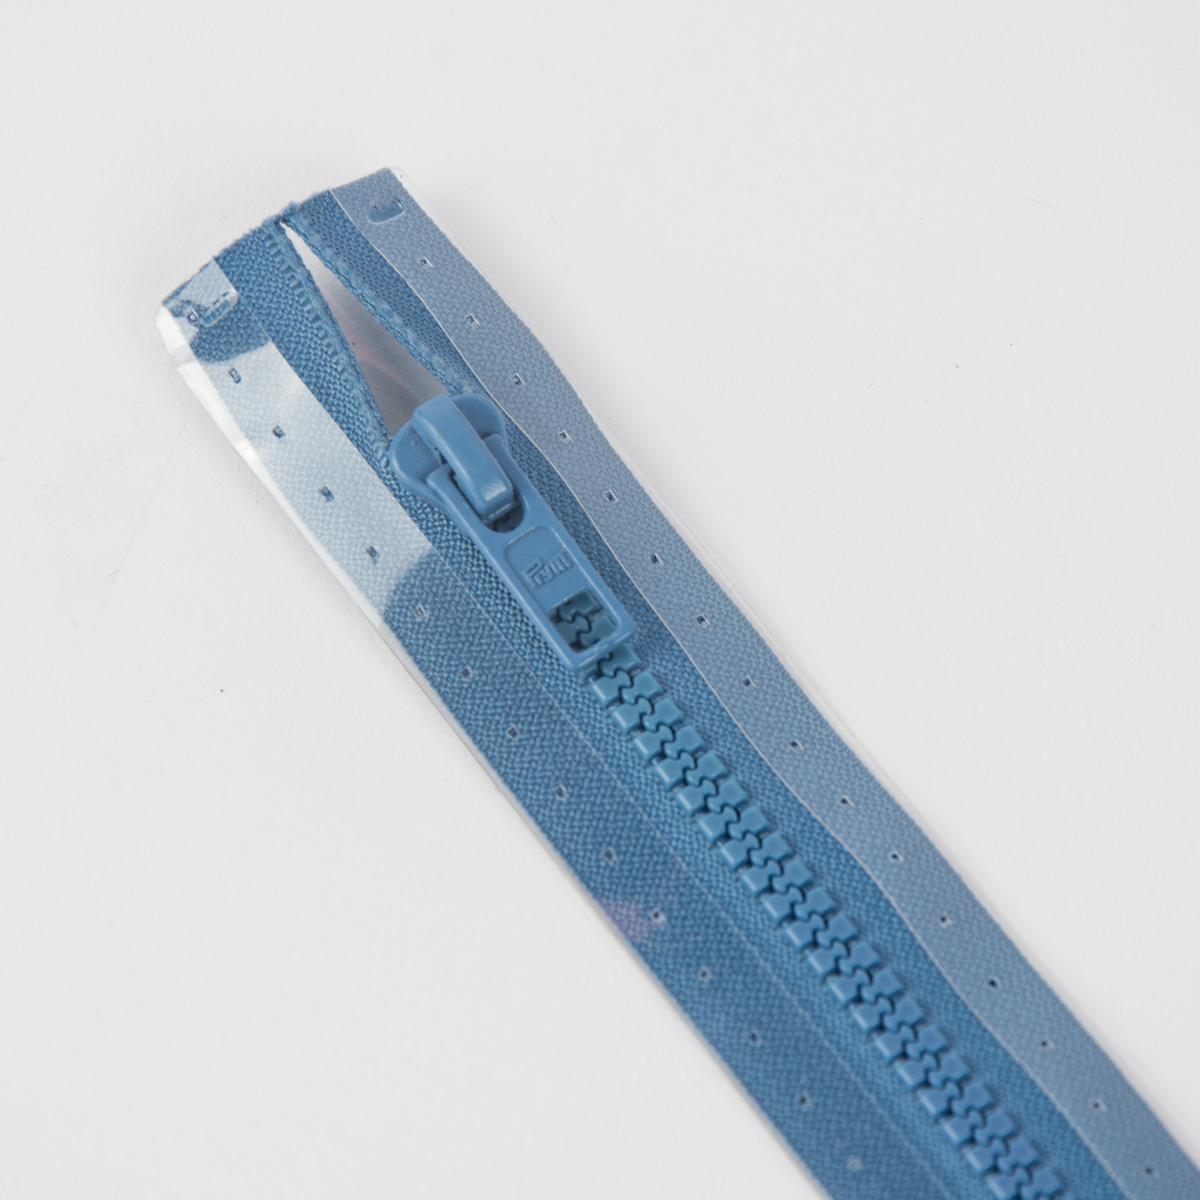 Reißverschluss S4 Profil tb 75 cm Fla azurblau